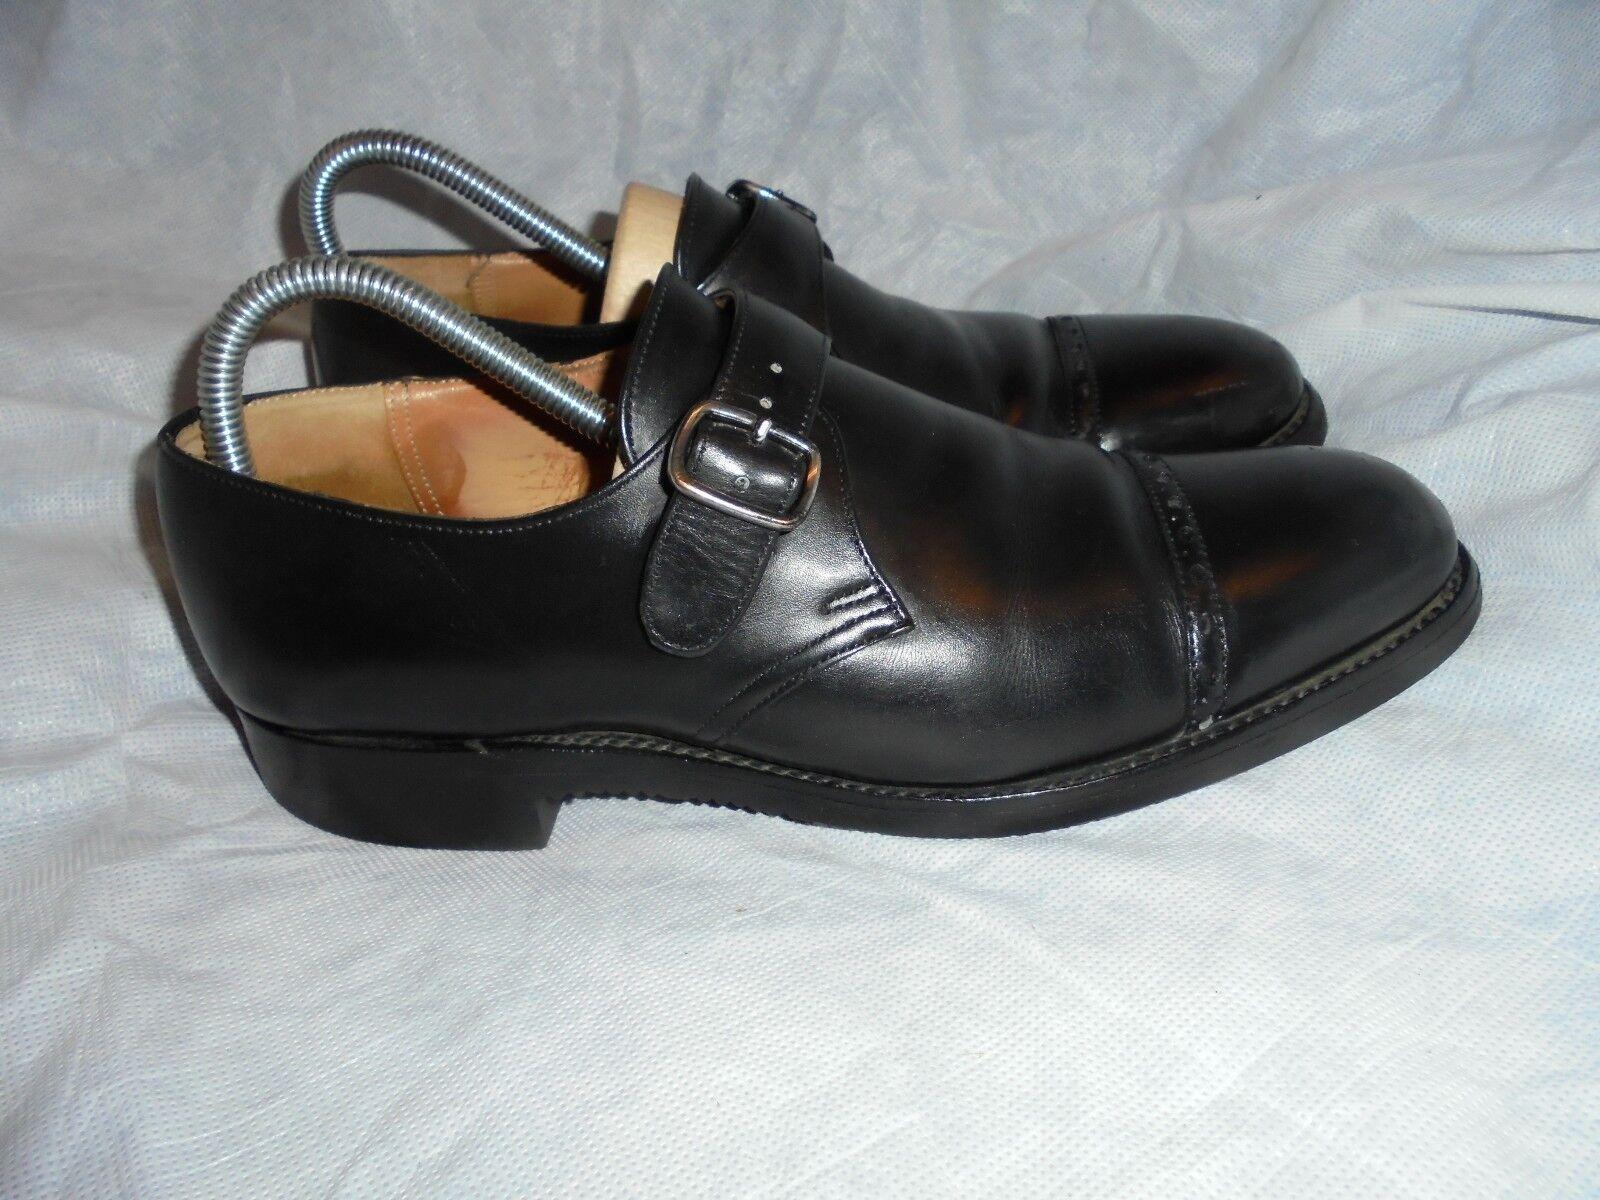 new arrival a0b17 eccf9 Église en en en cuir noir un moine Boucle Chaussures Taille très bon état  e4a2b3